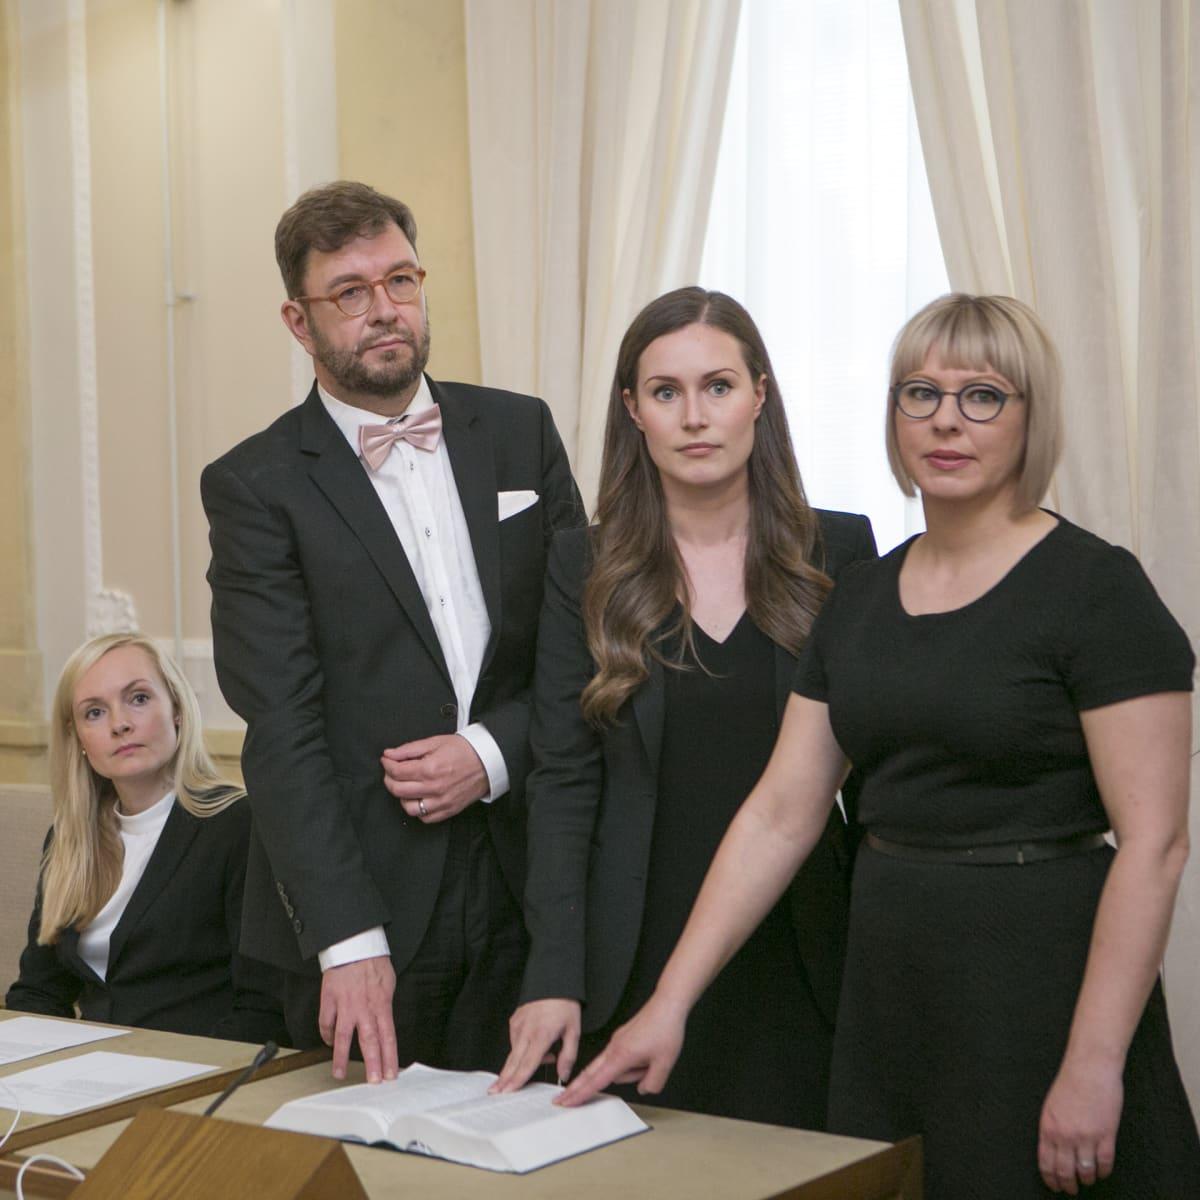 Uuden hallituksen ministerien valojen vannominen. Timo Harakka, Sanna Marin ja vasemmistoliiton Aino-Kaisa Pekonen antoivat virka- ja tuomarinvakuutuksenkuutuksen. Ohisalo vannoi valan.